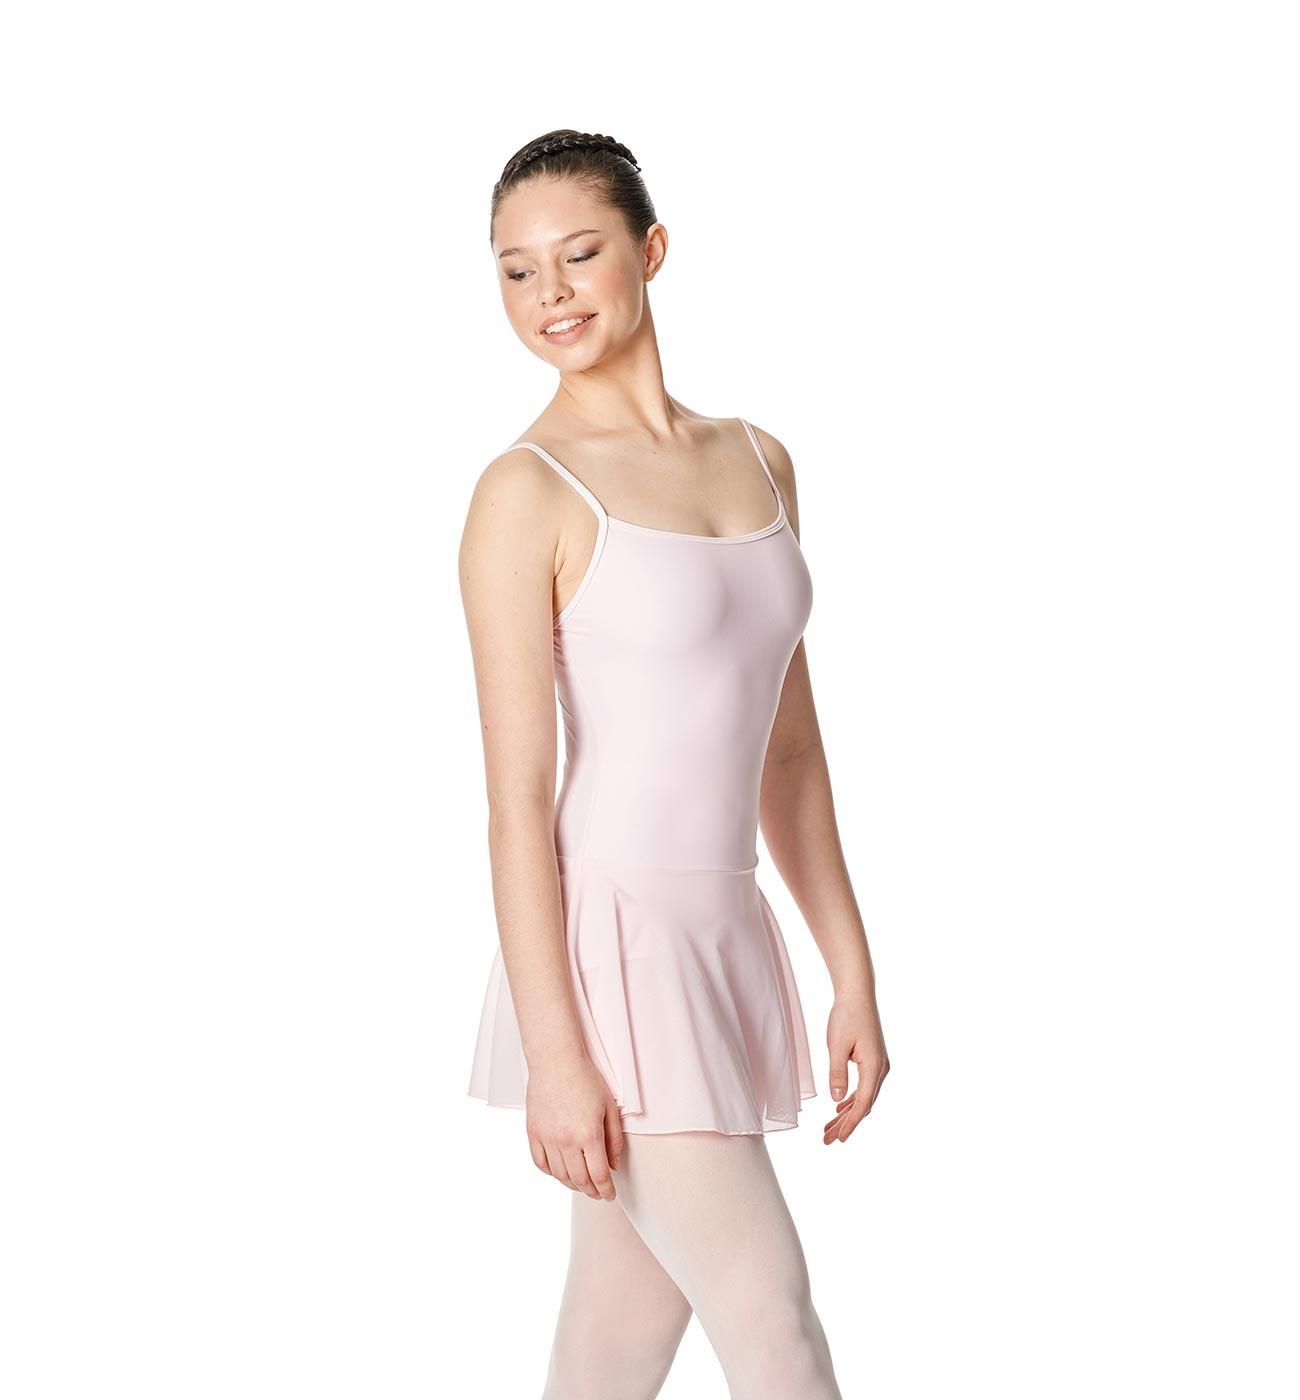 ורוד שמלת בלט Lillian של Lulli כתפיות דקות וחצאית רשת LUB254